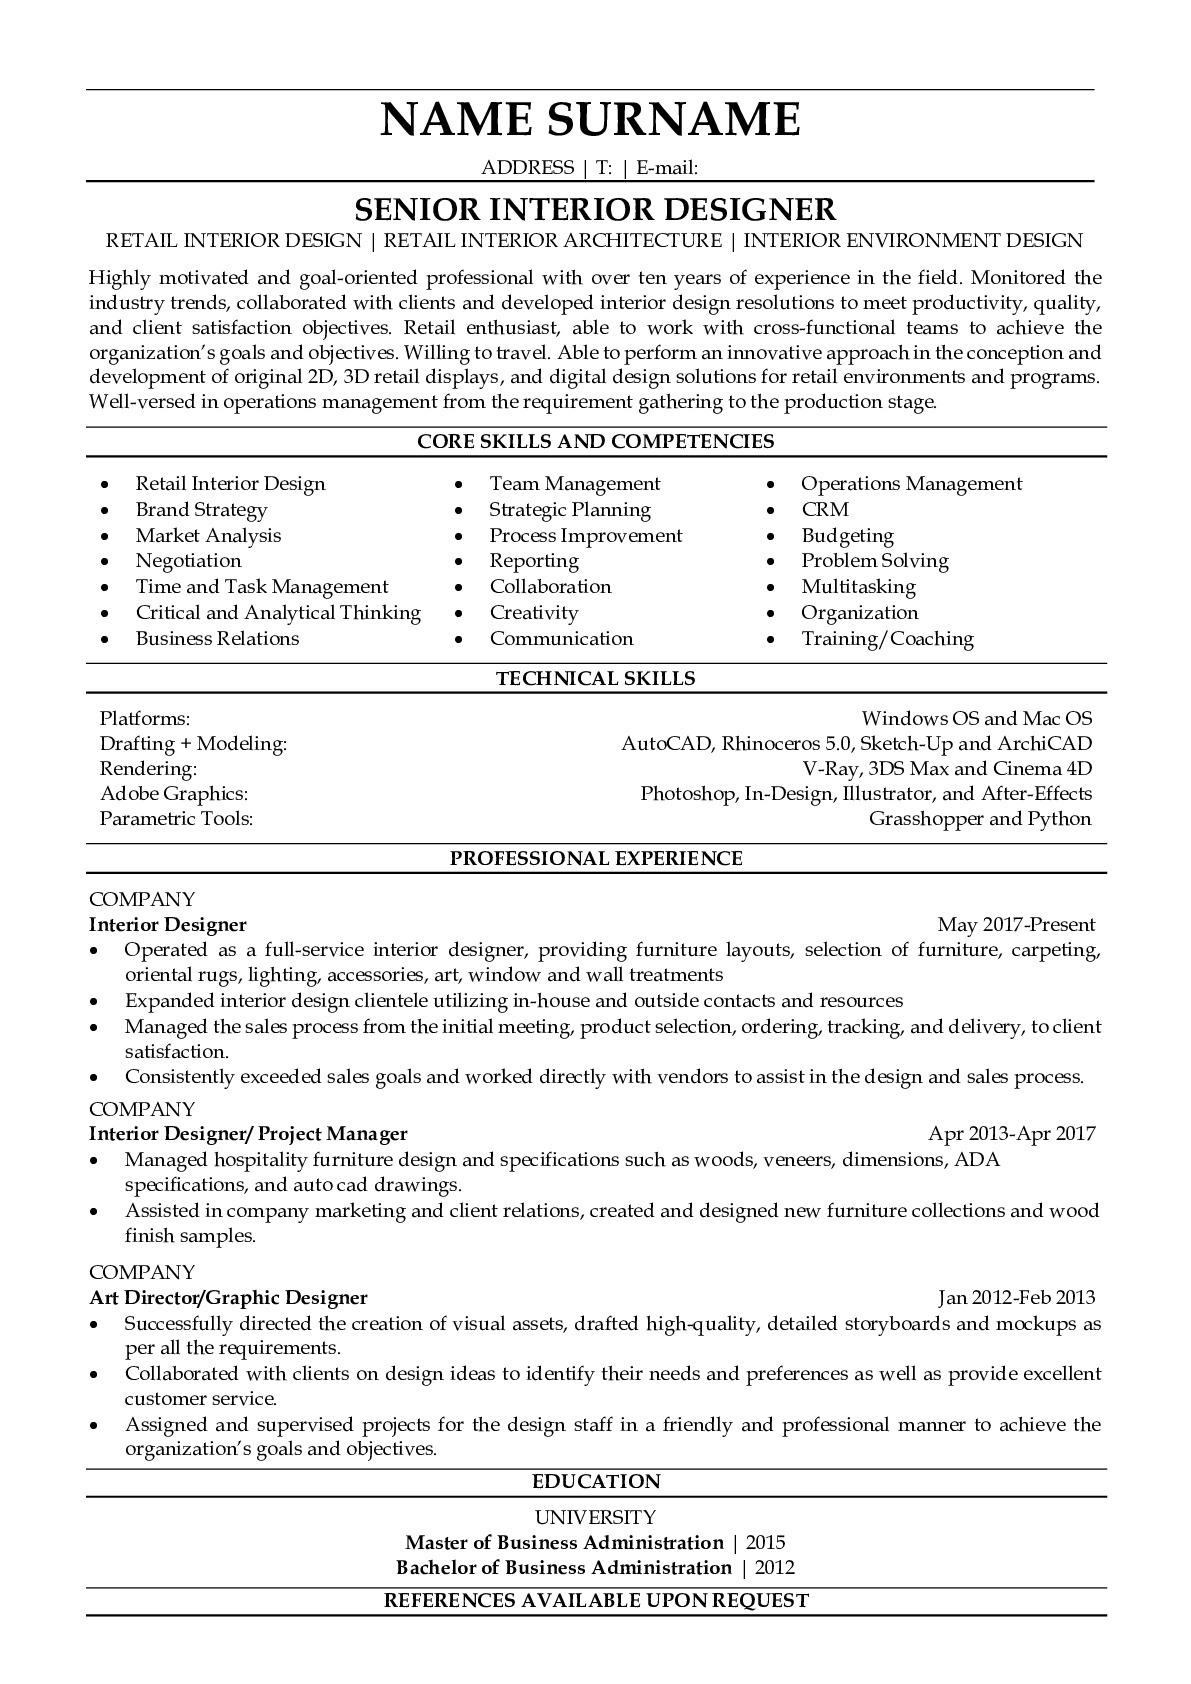 Resume Example for Interior Designer